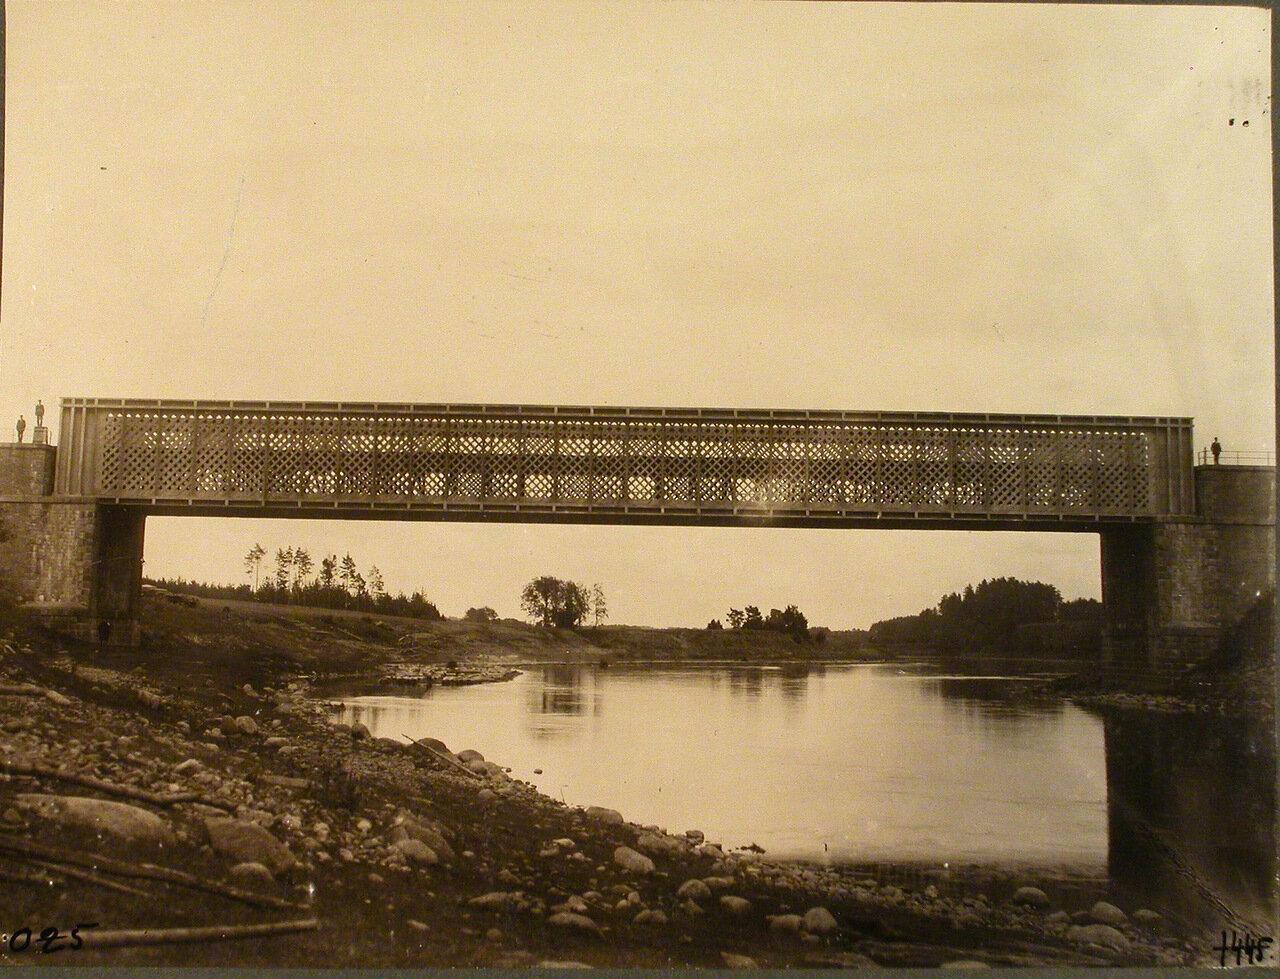 Виленская губерния. Вильна. Вид железнодорожного моста через р. Вилия на 621-й версте